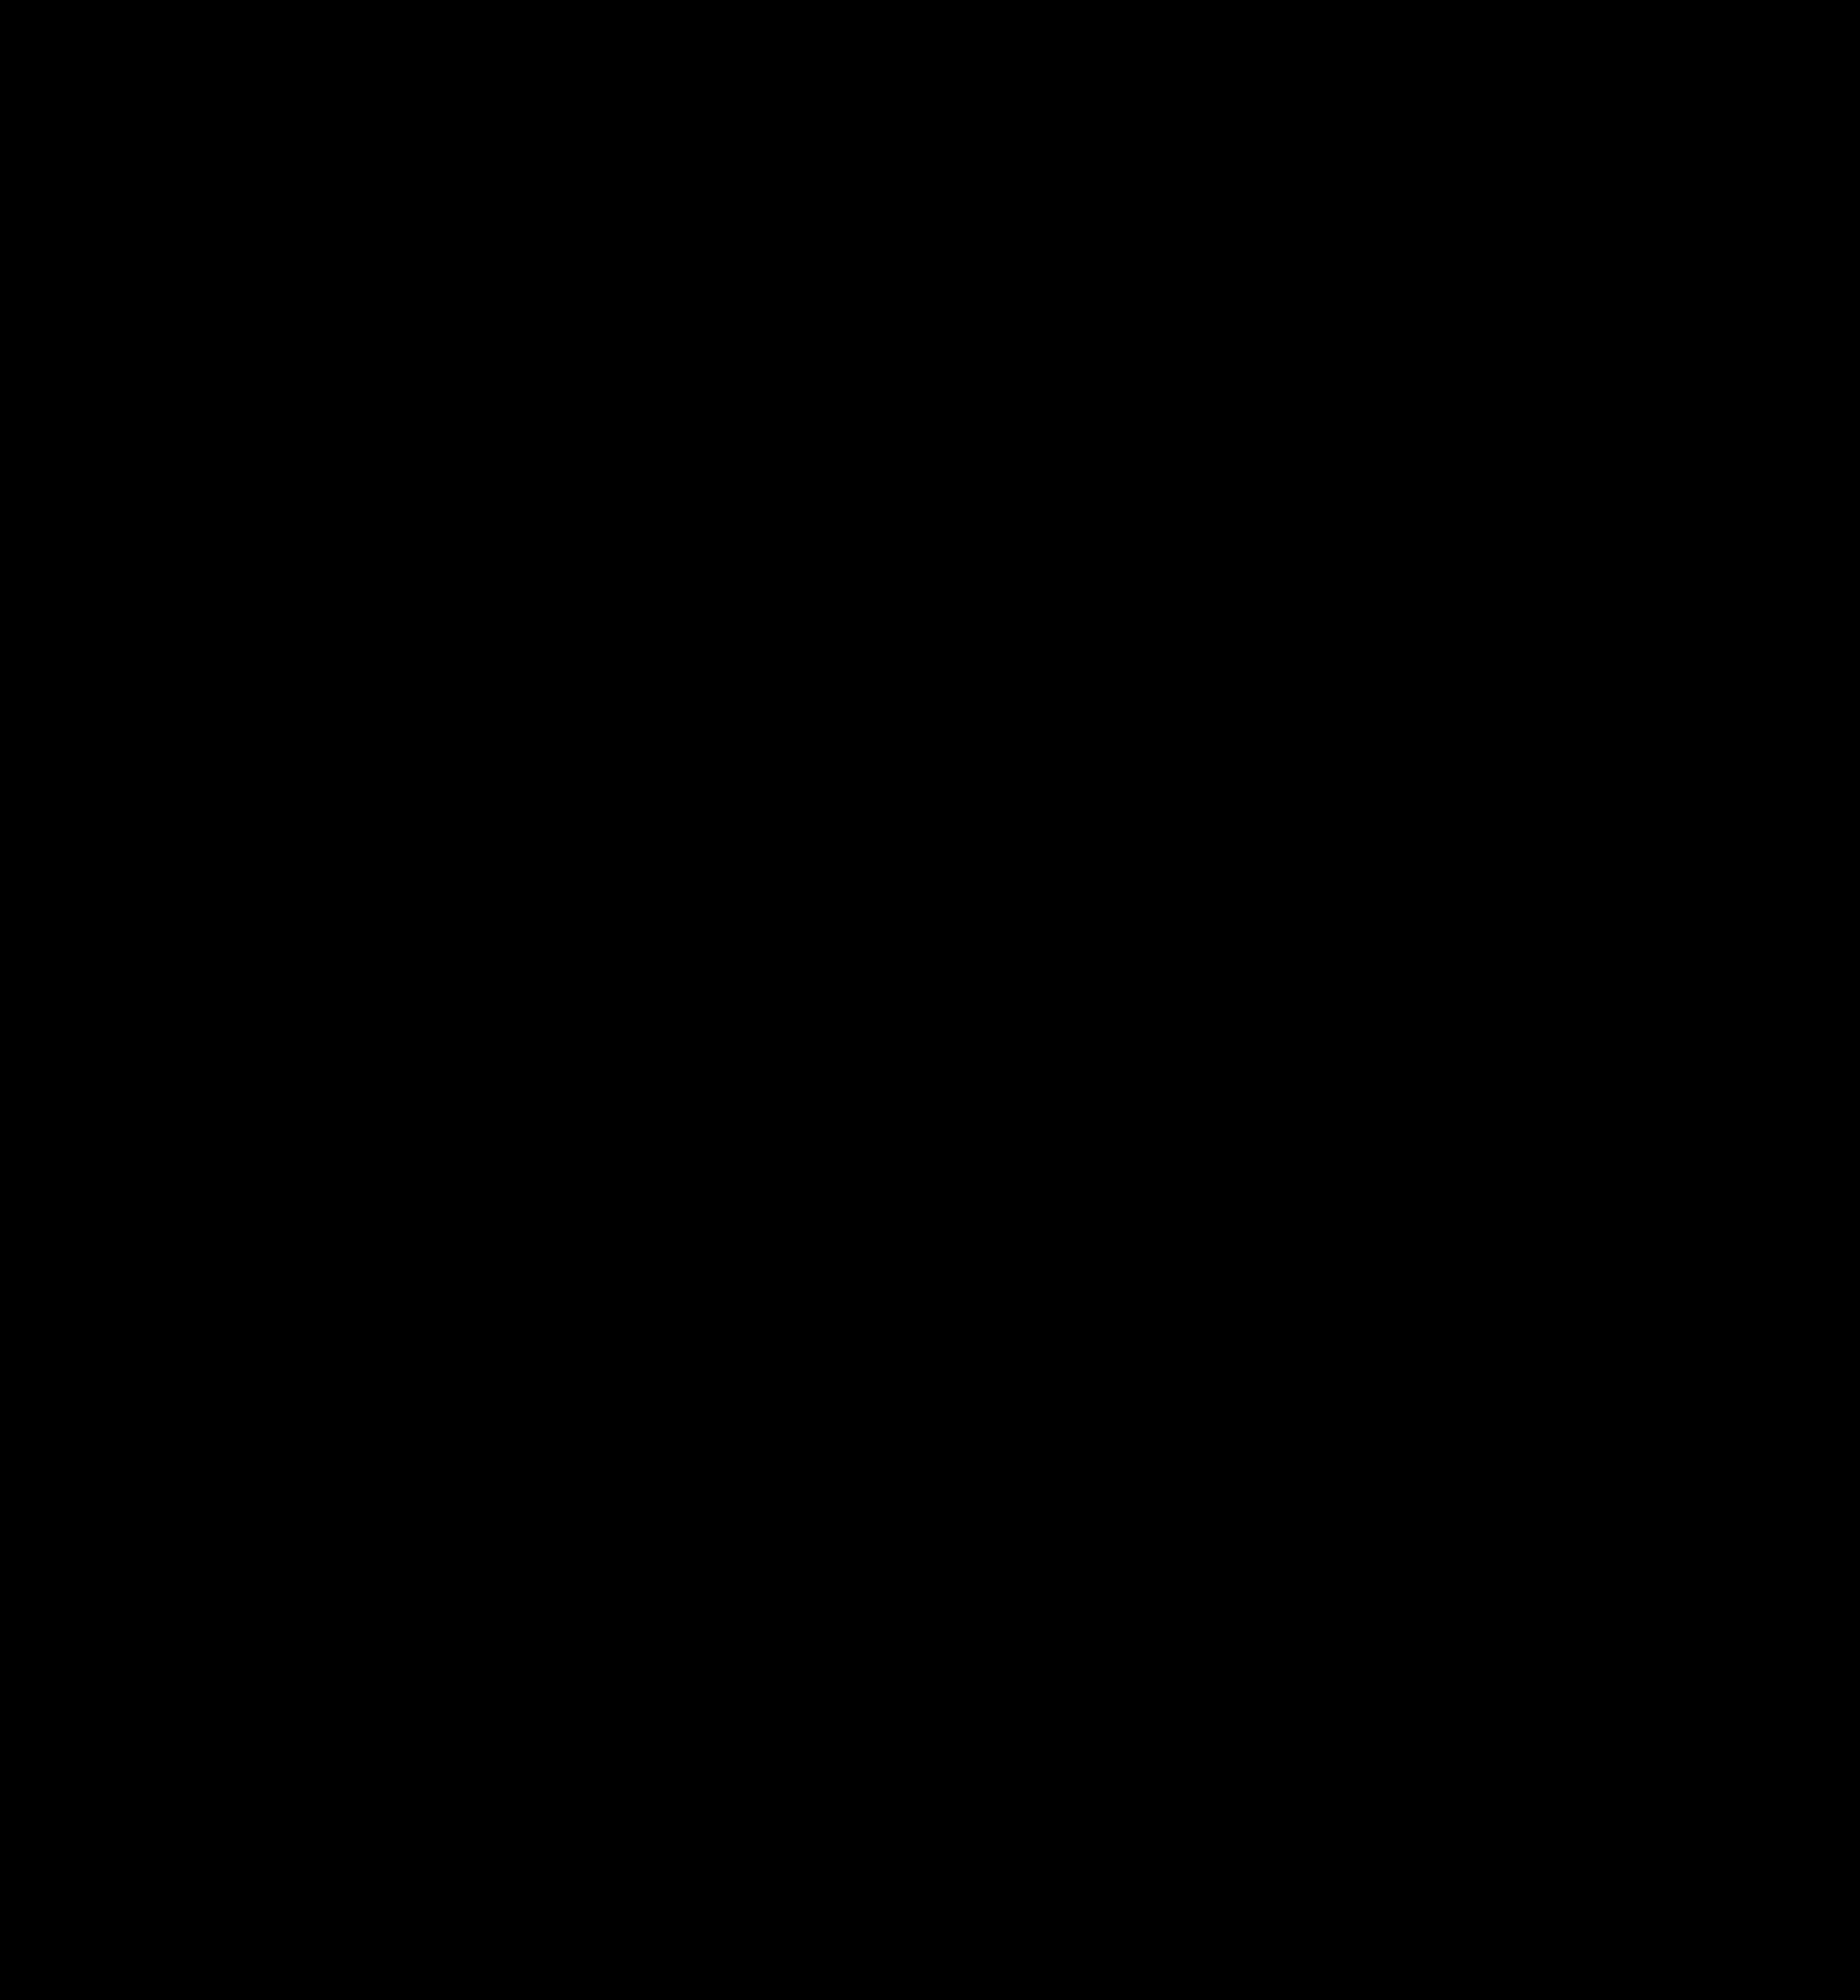 circle-png (5)